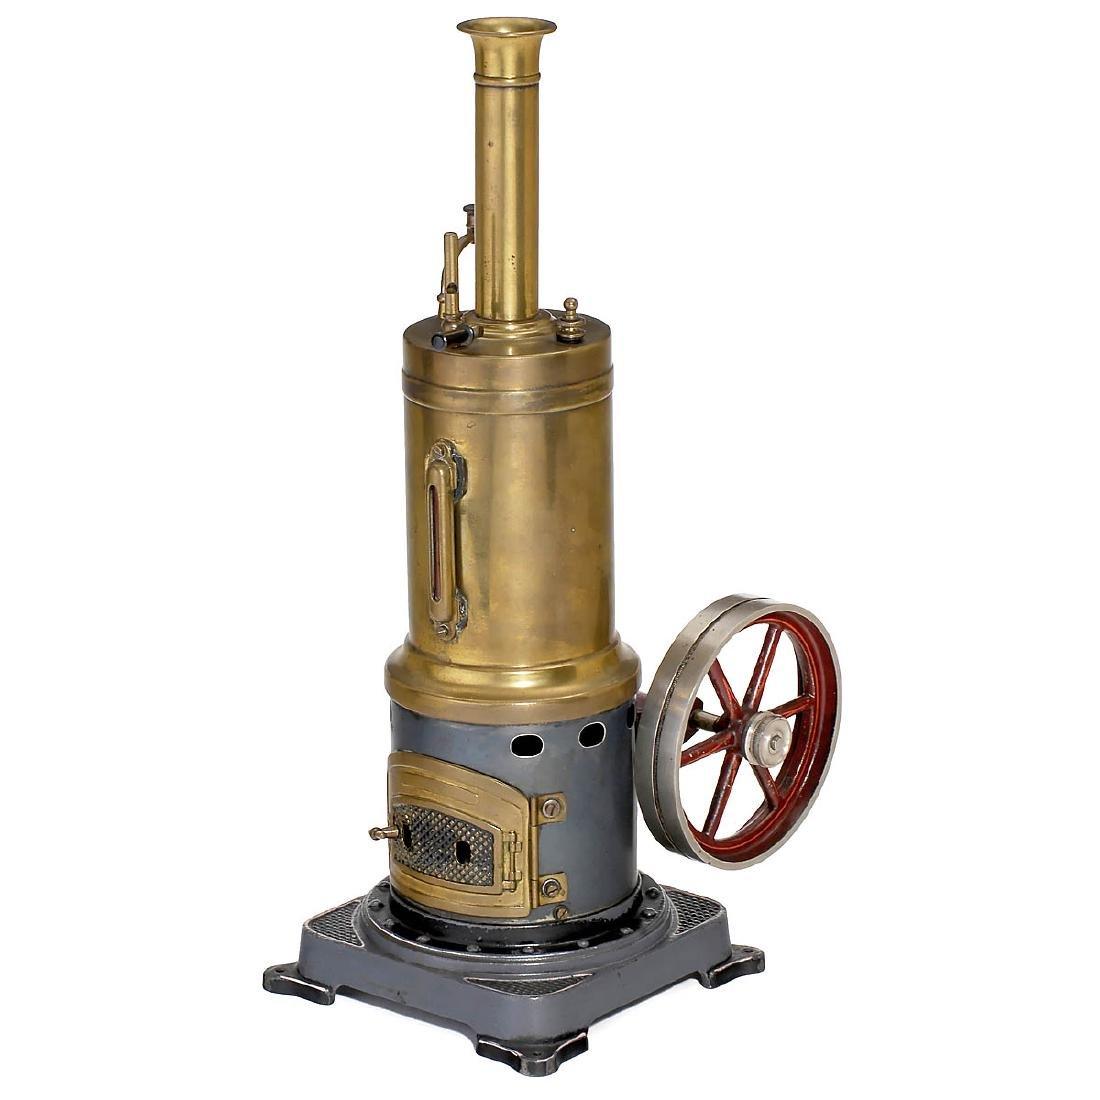 Bing Vertical Steam Engine No. 130/332, c. 1912 - 2